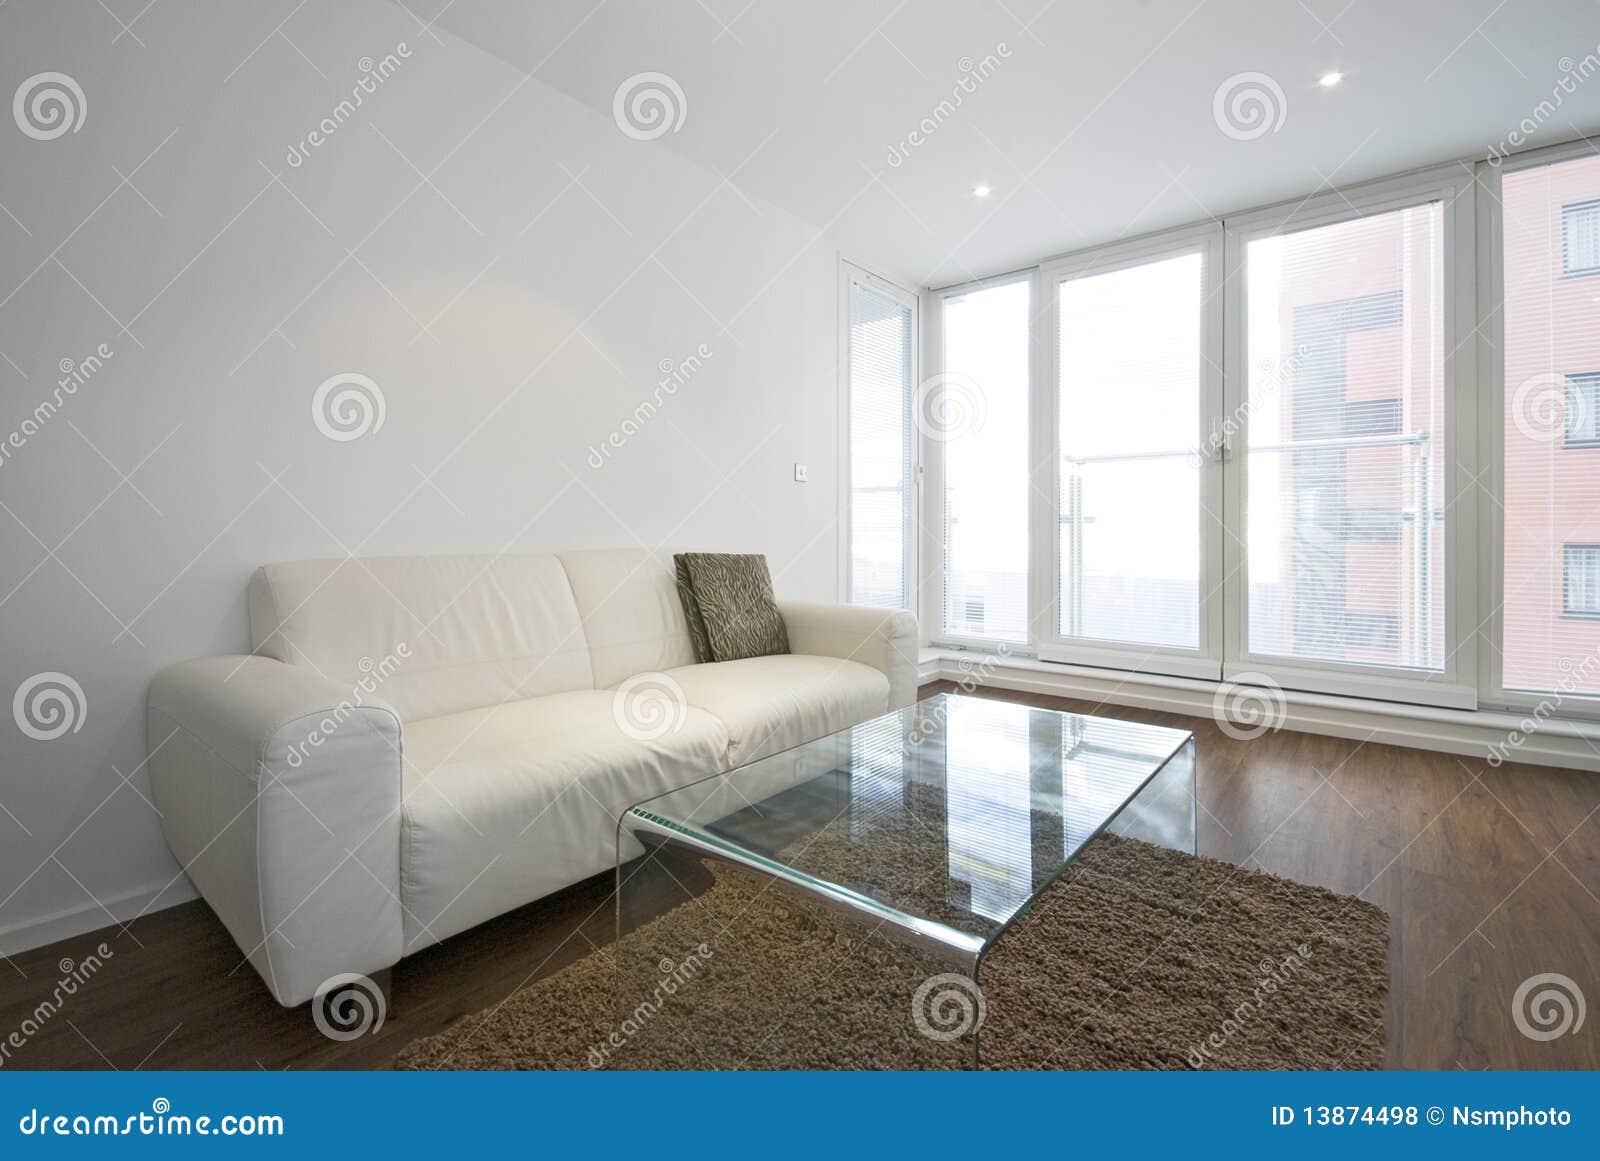 Moderne woonkamer met witte leerbank royalty vrije stock foto 39 s afbeelding 13874498 - Afbeelding eigentijdse woonkamer ...